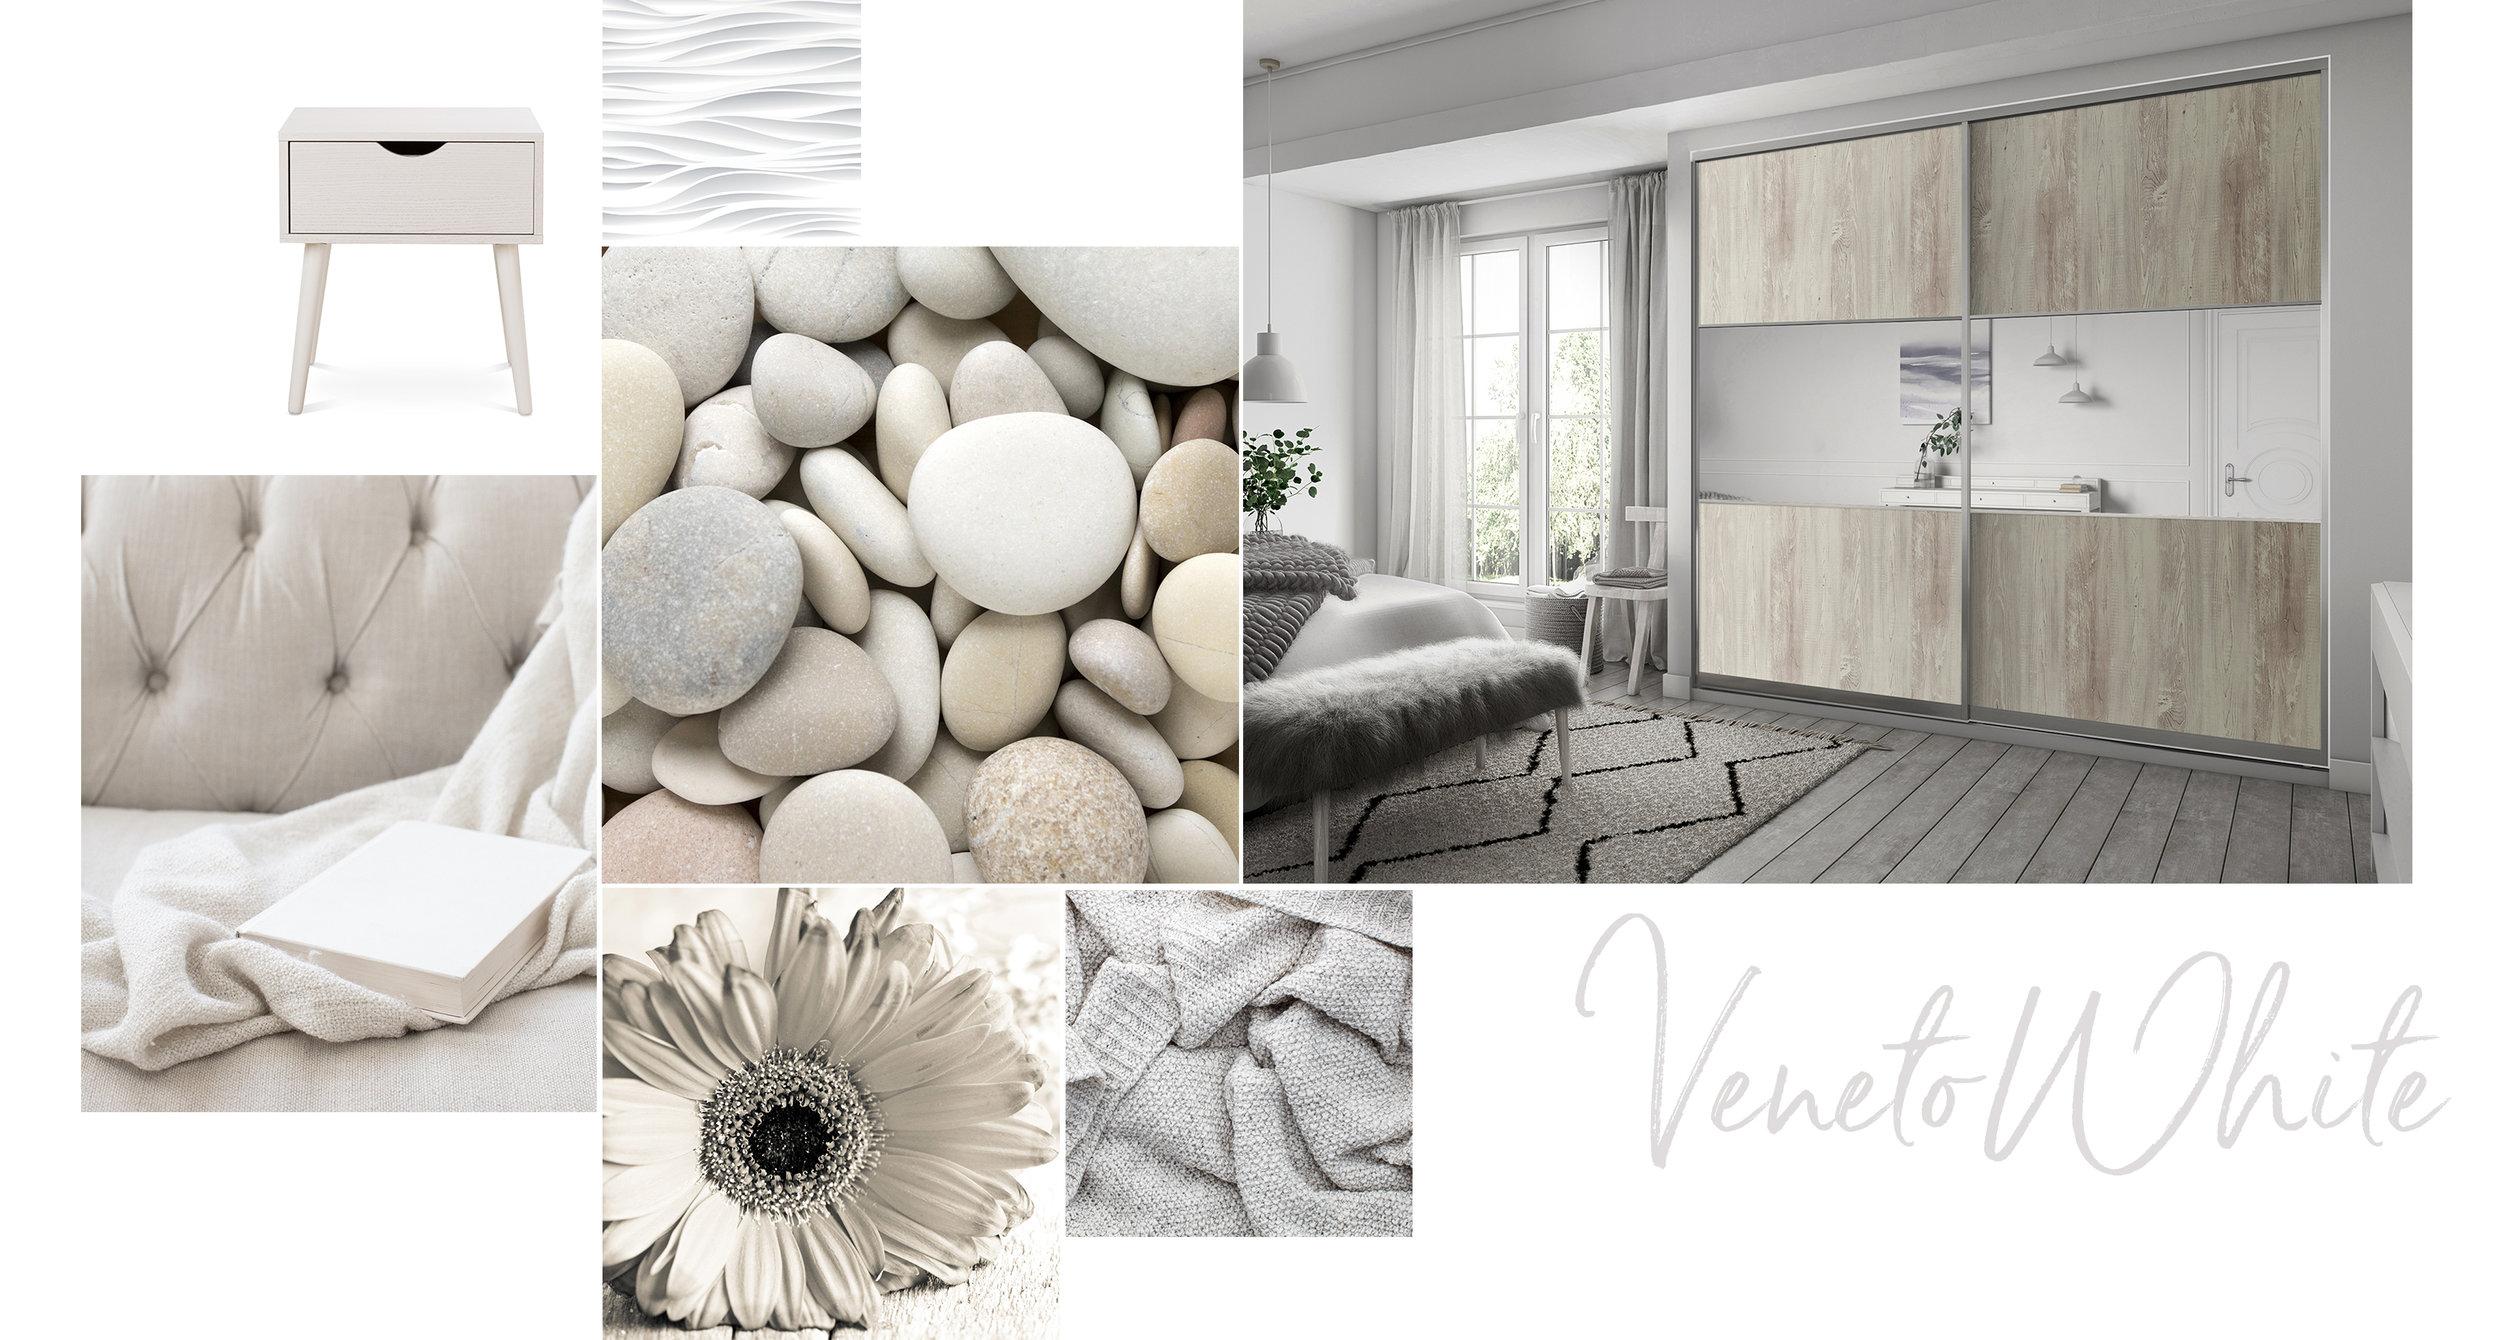 Veneto White moodboard.jpg